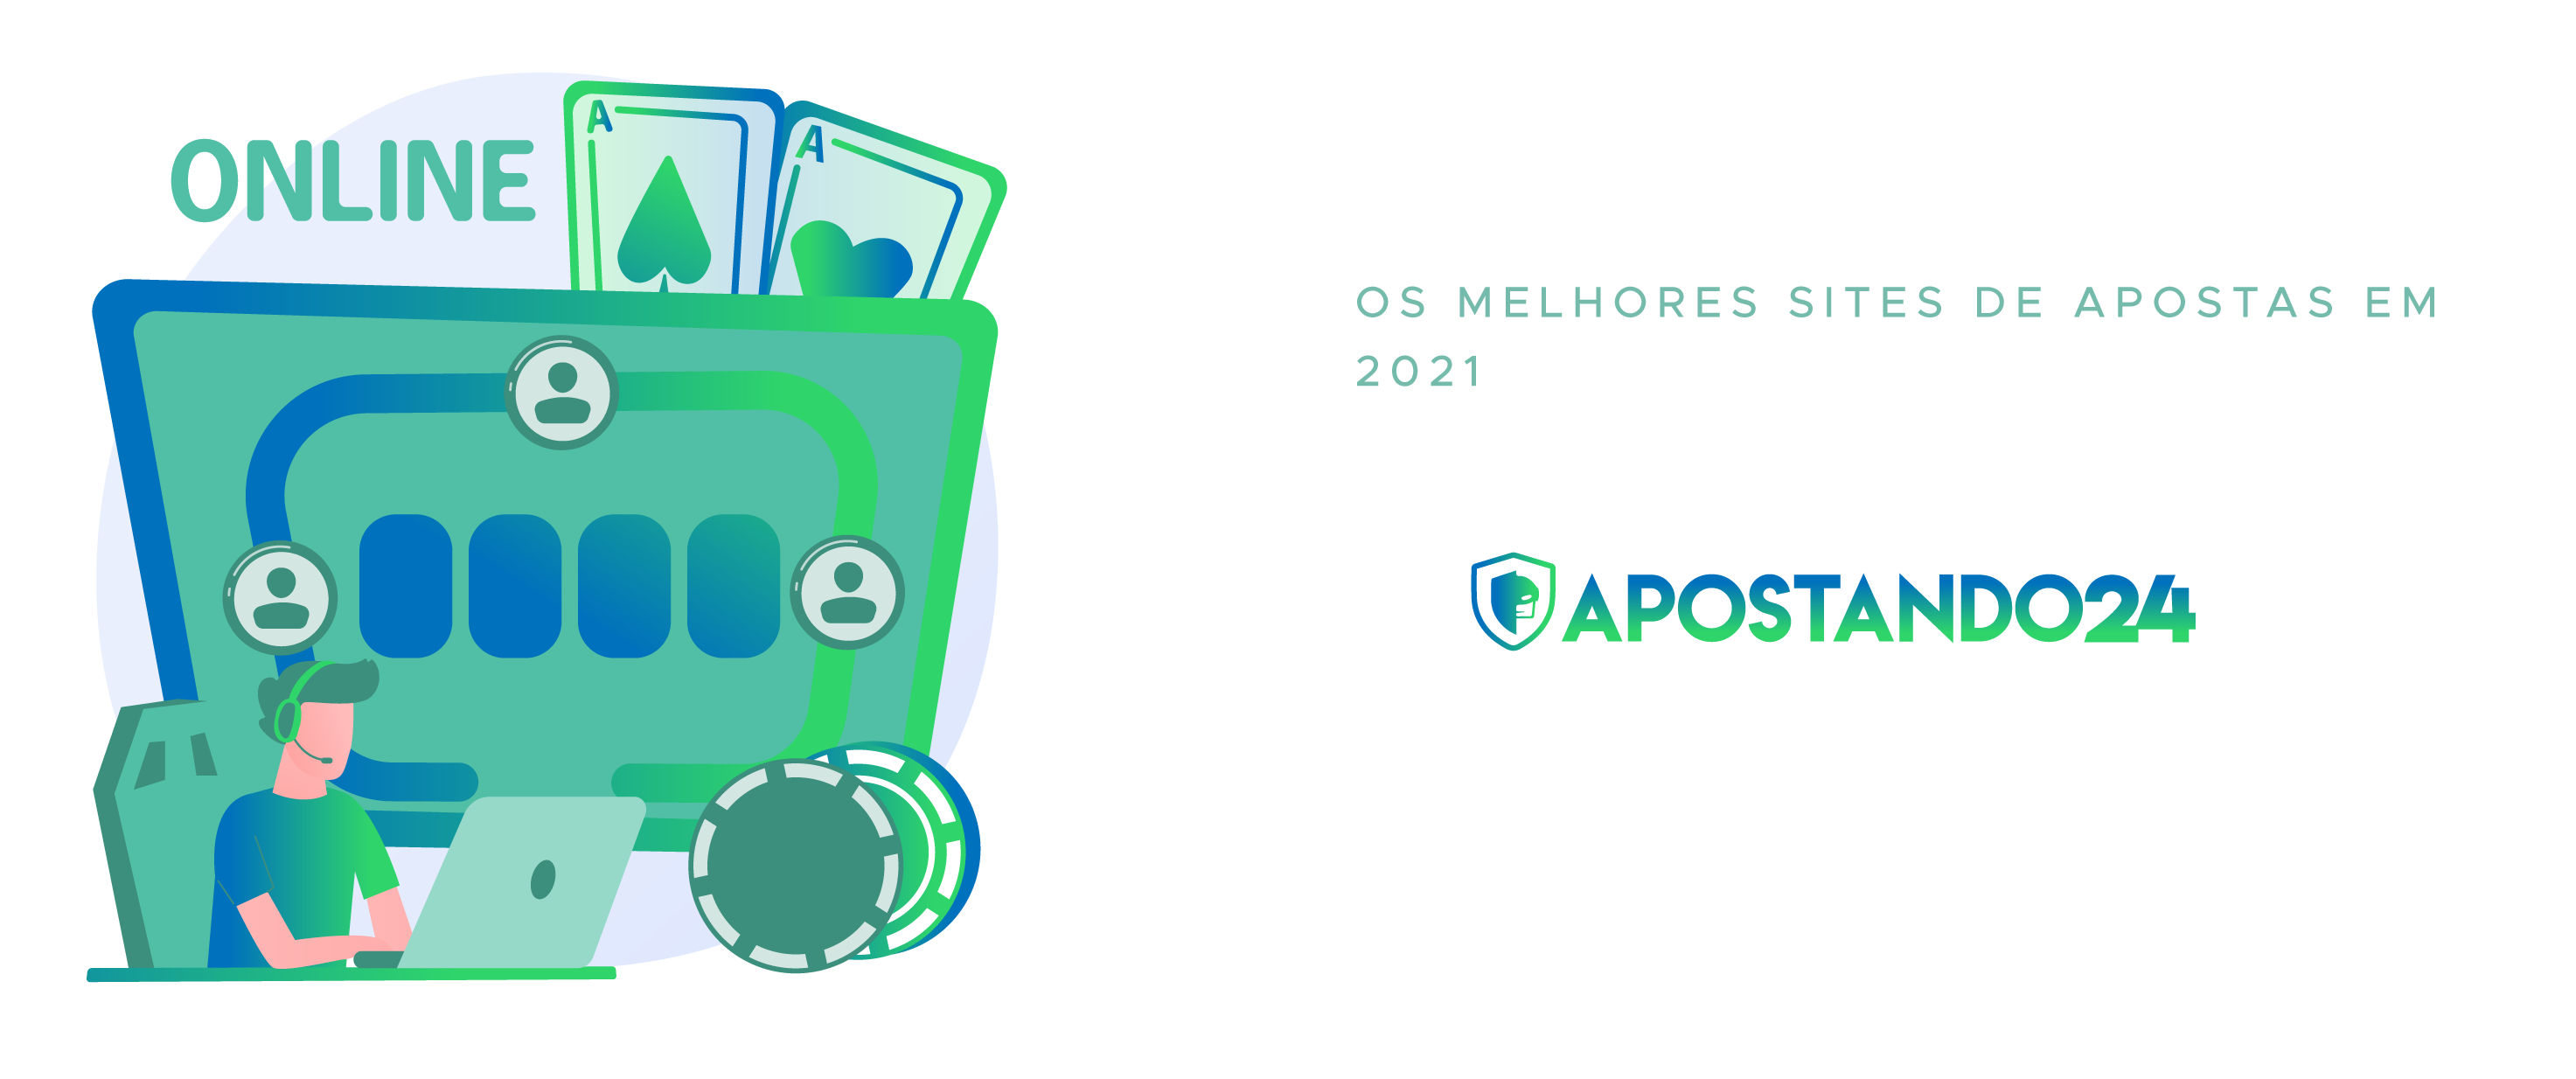 Os melhores sites de apostas em 2021